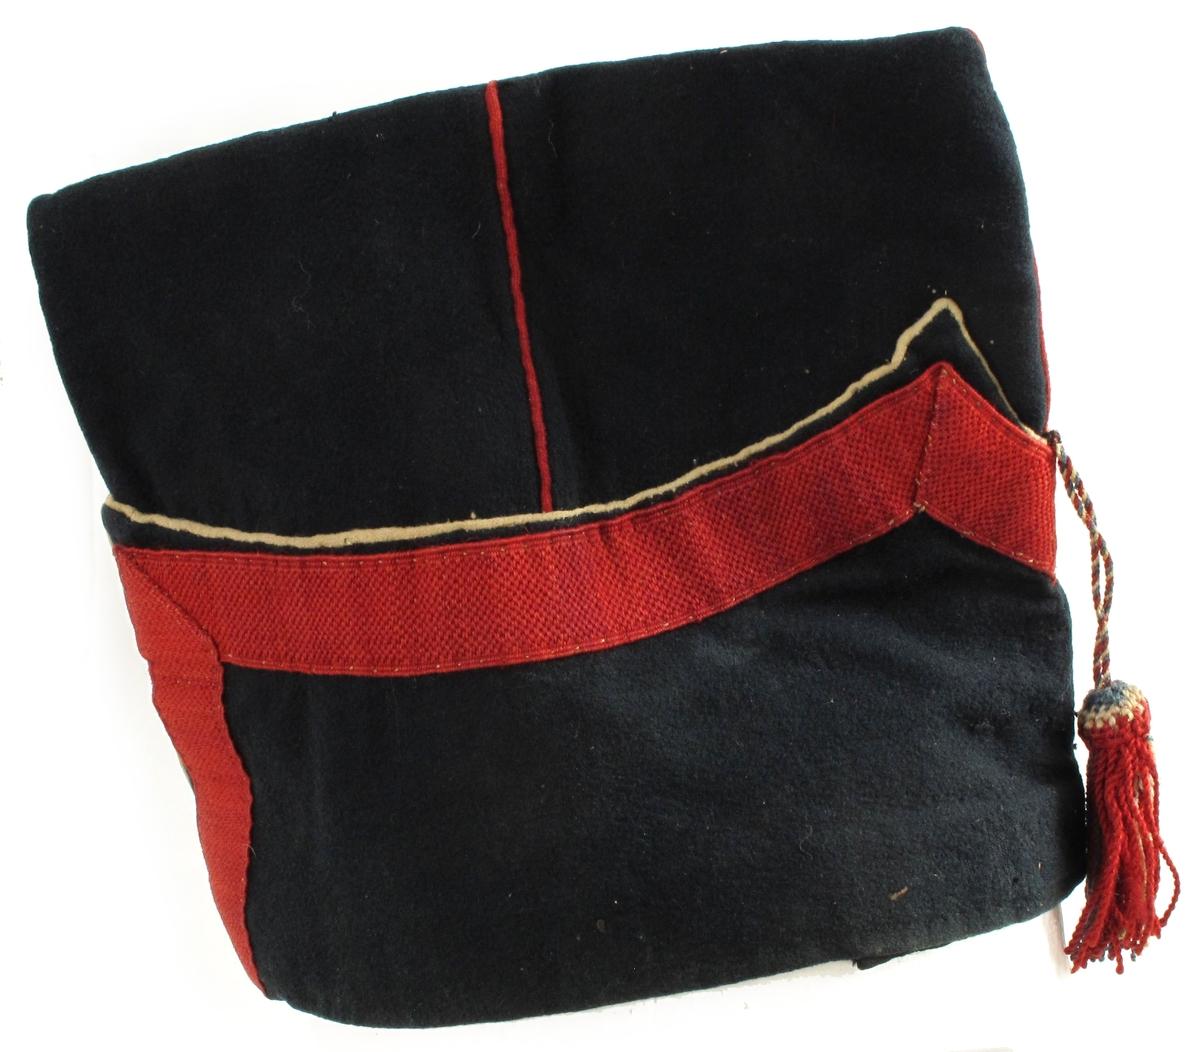 """Uniformslue. Sort klede, høy båtluefasong med bred """"oppbrett"""" kantet med bredt rødt bånd og hvit passepoil.  I forkant festet en dusk i snor i fargene rødt, hvitt og blått.  Røde passepoils på pullen.  For:  Sort lakkskinn. Tilhørende uniform AAM.00198"""